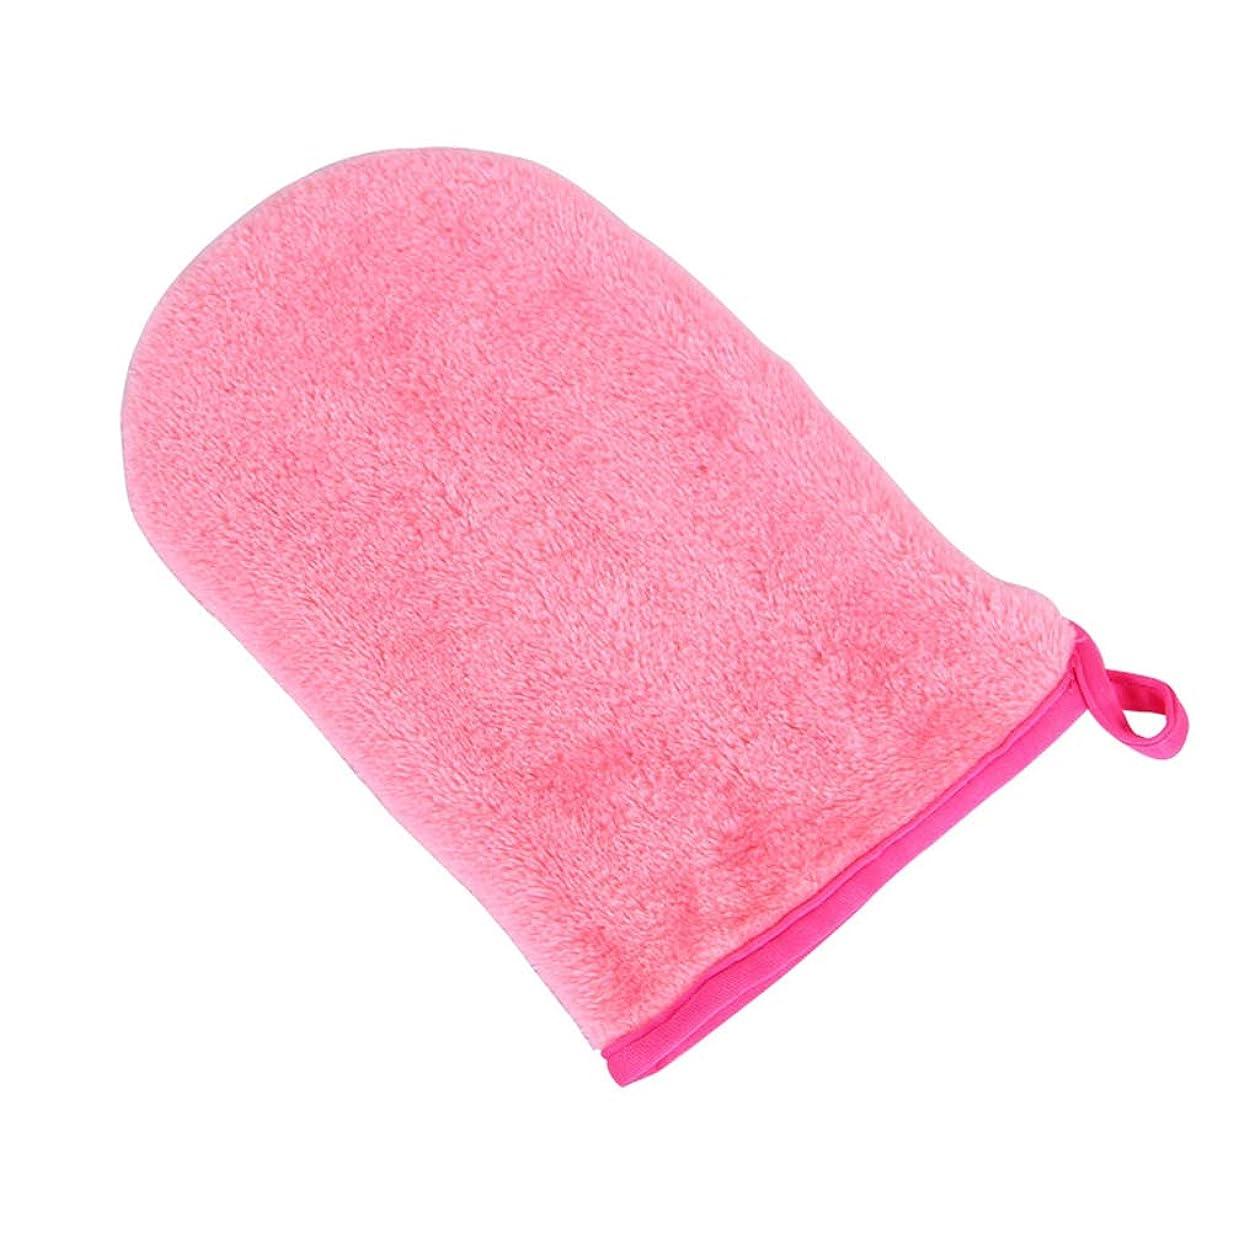 コンペすみません定期的HEALIFTY フェイシャルクリーニンググローブメークアップリムーバー手袋再利用可能なフェイシャルクロスパッド(ロージー)